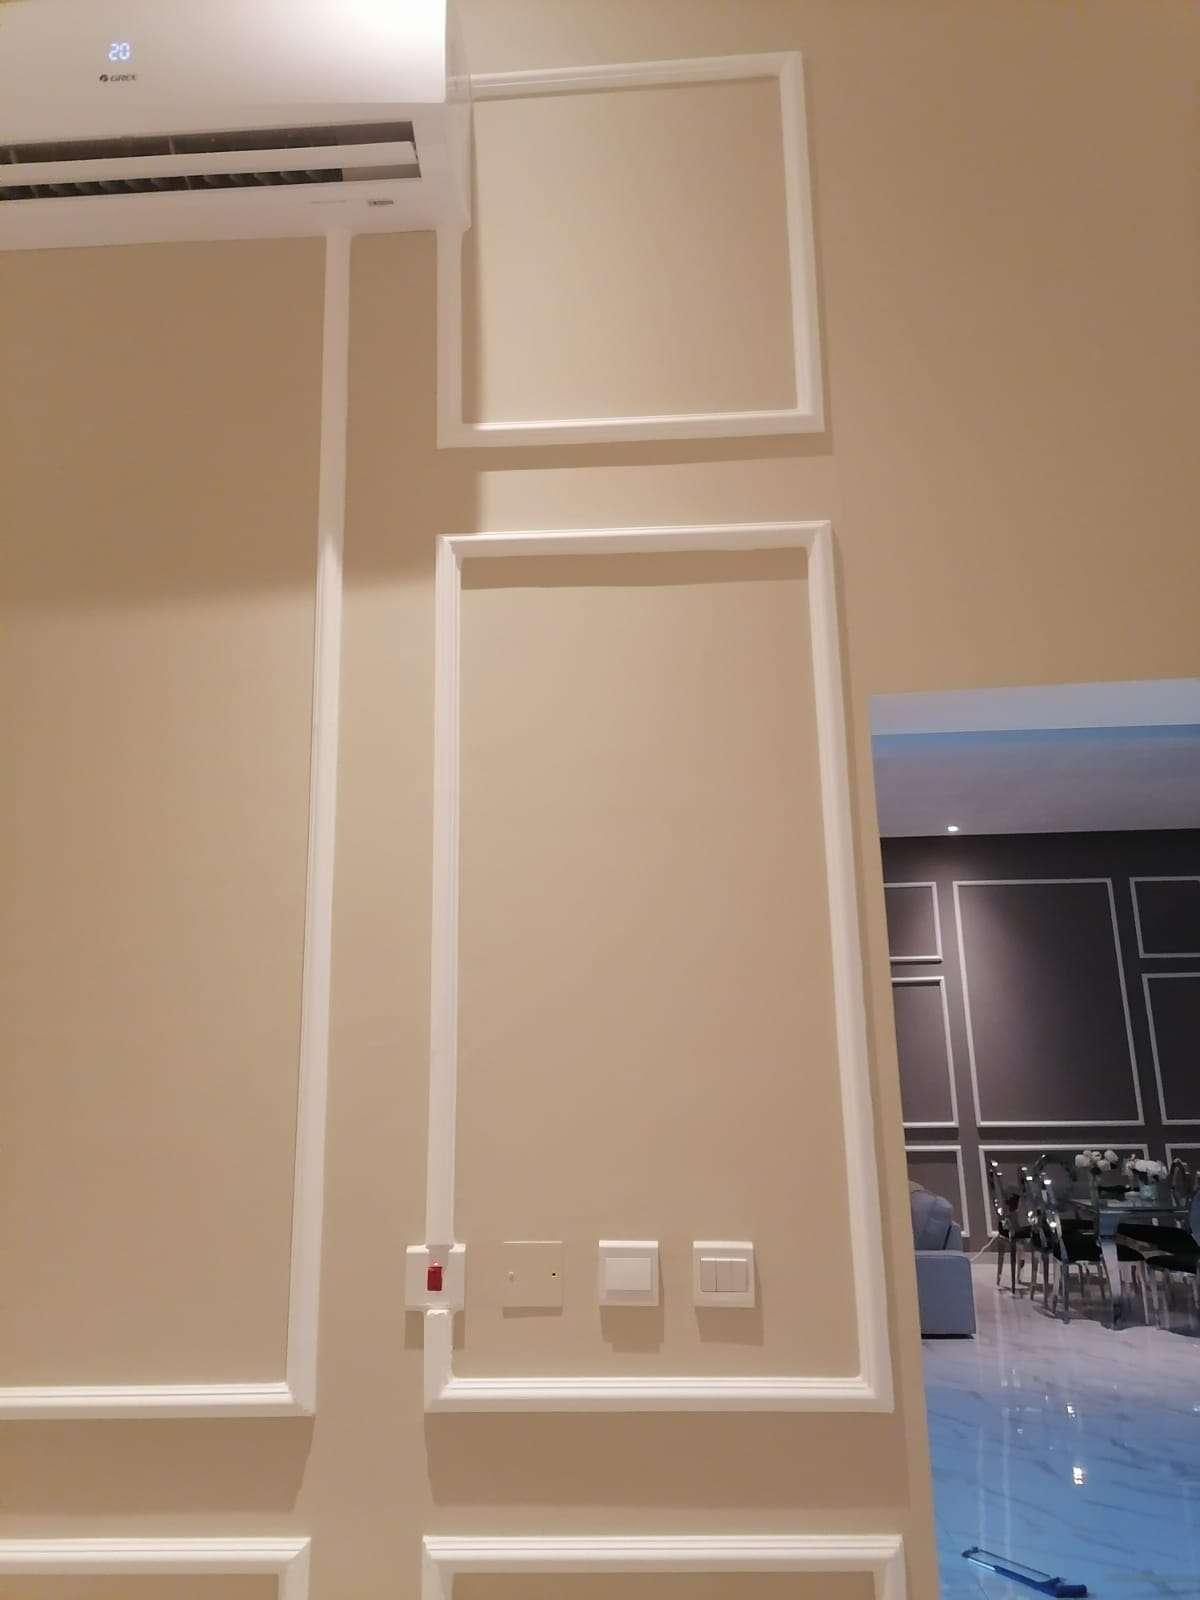 Per square metar insulation fixing